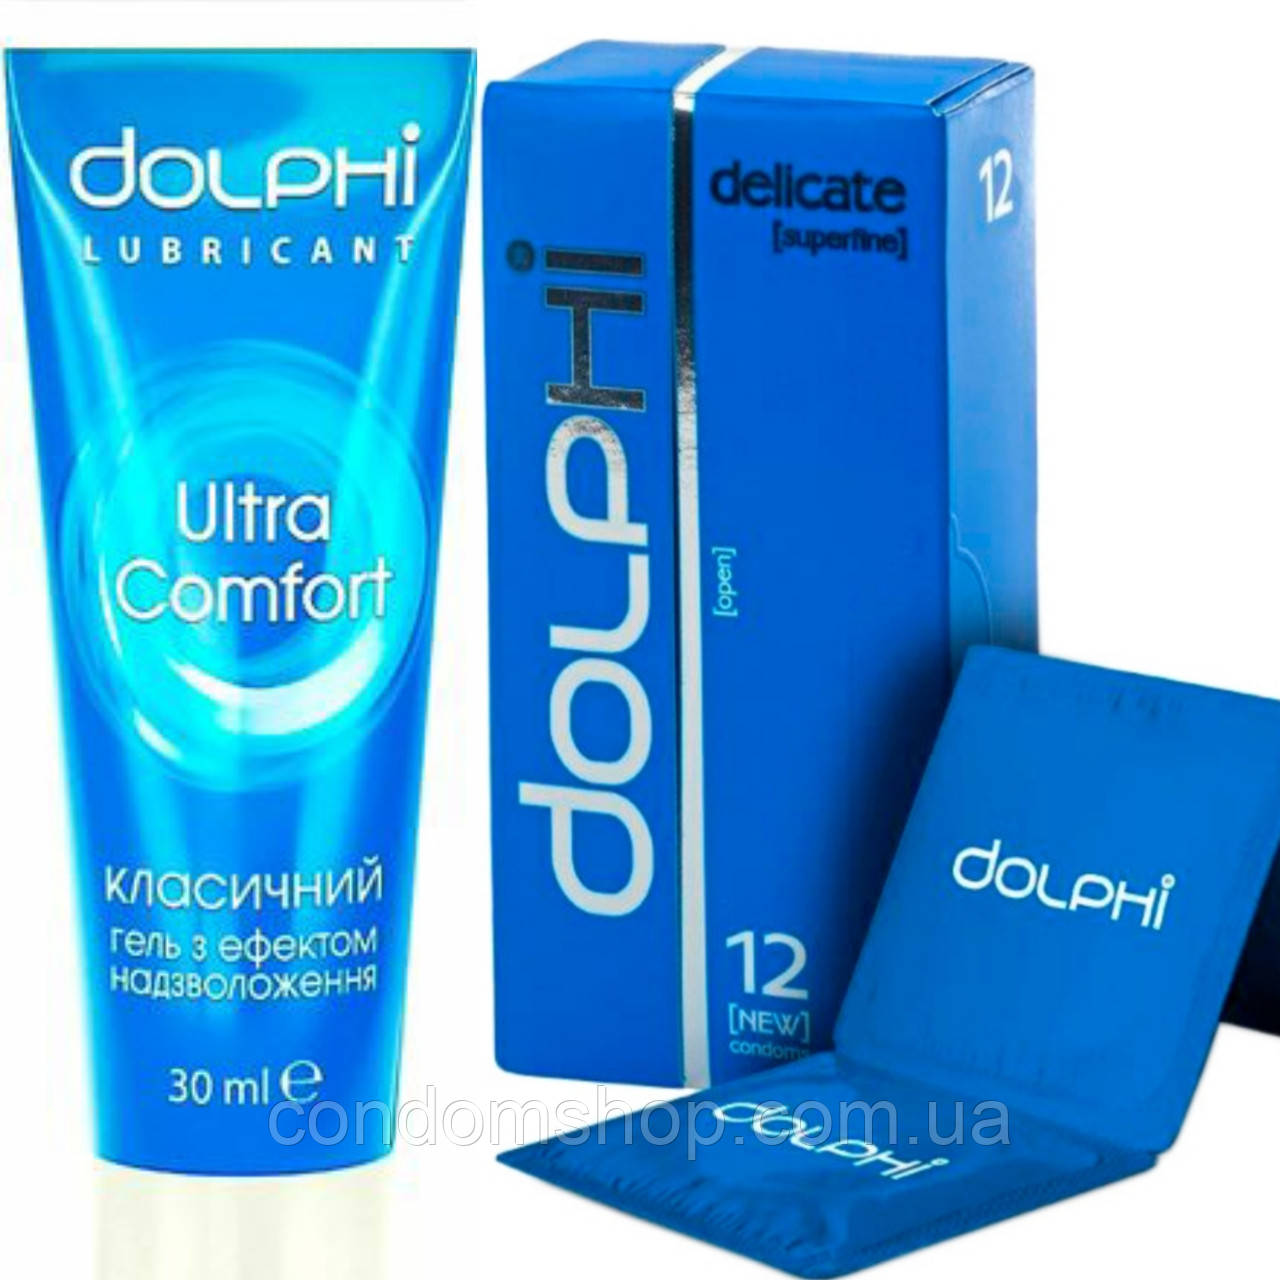 """Набір Dolphi lux ,,Ніжний дотик"""":презервативи Dolphi Delicate супер тонкі + гель-змазка класична"""